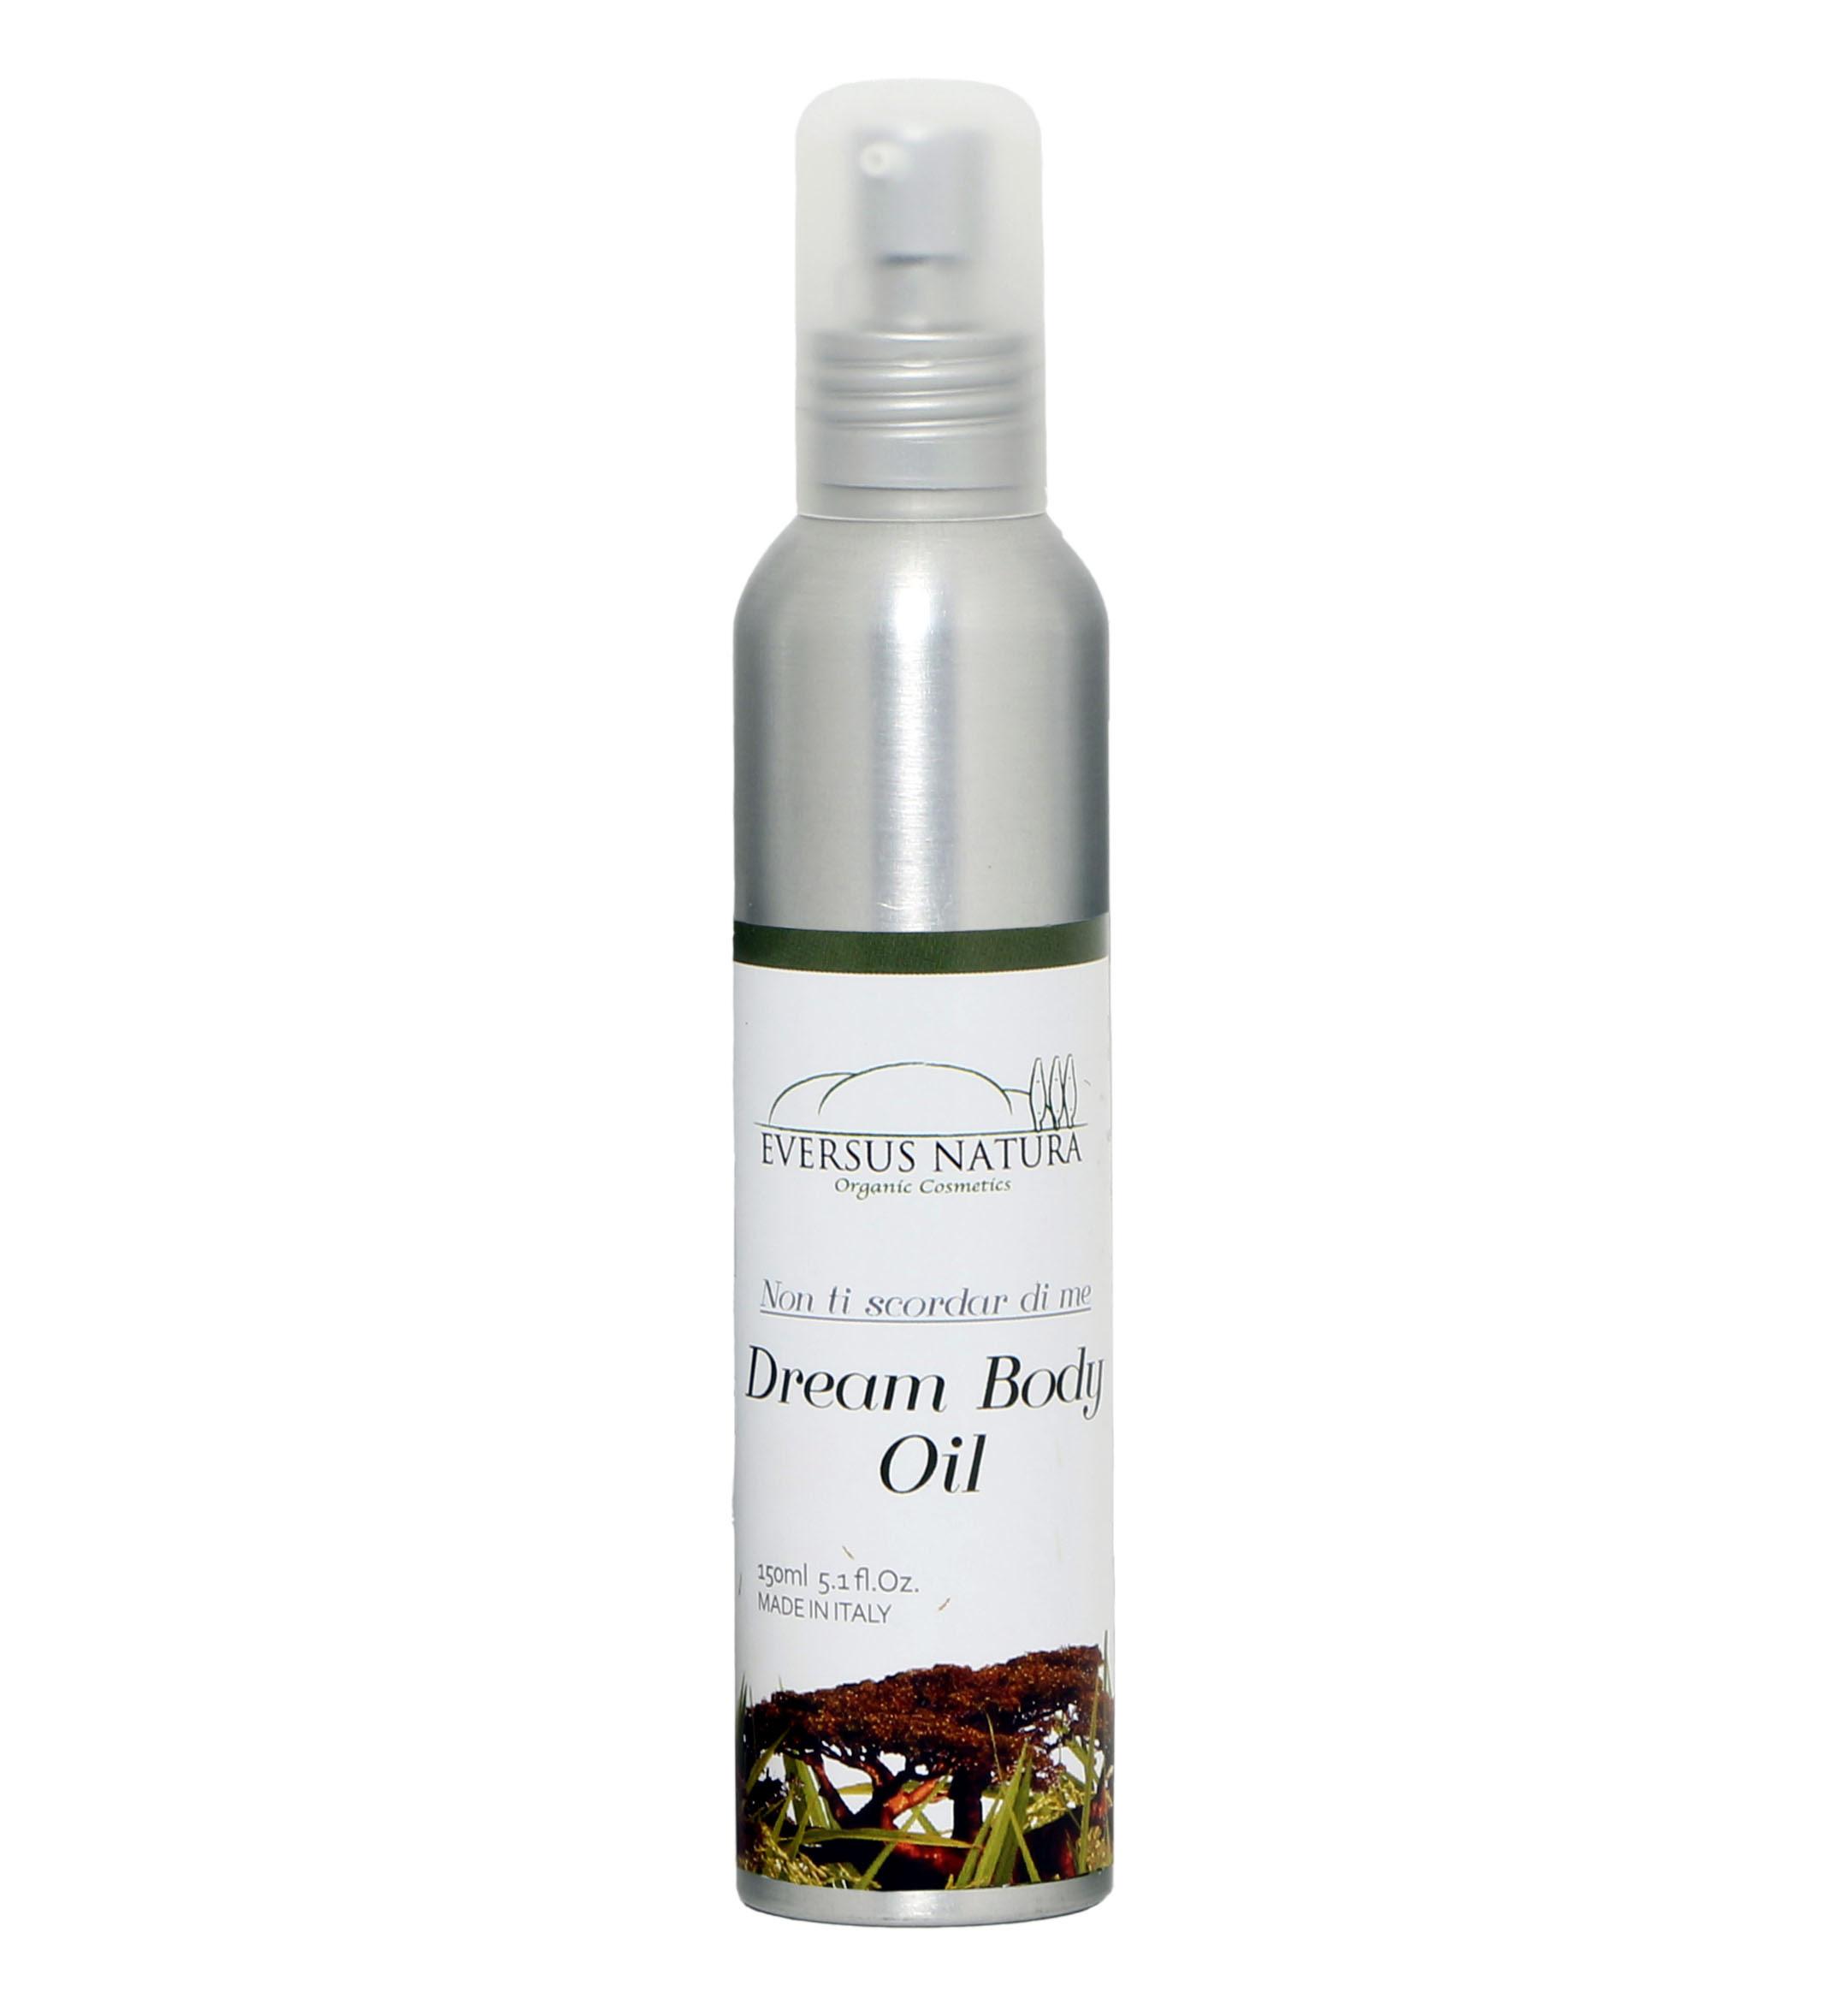 Dream 150ml Oil Eversus Body Natura rCtsQdhx